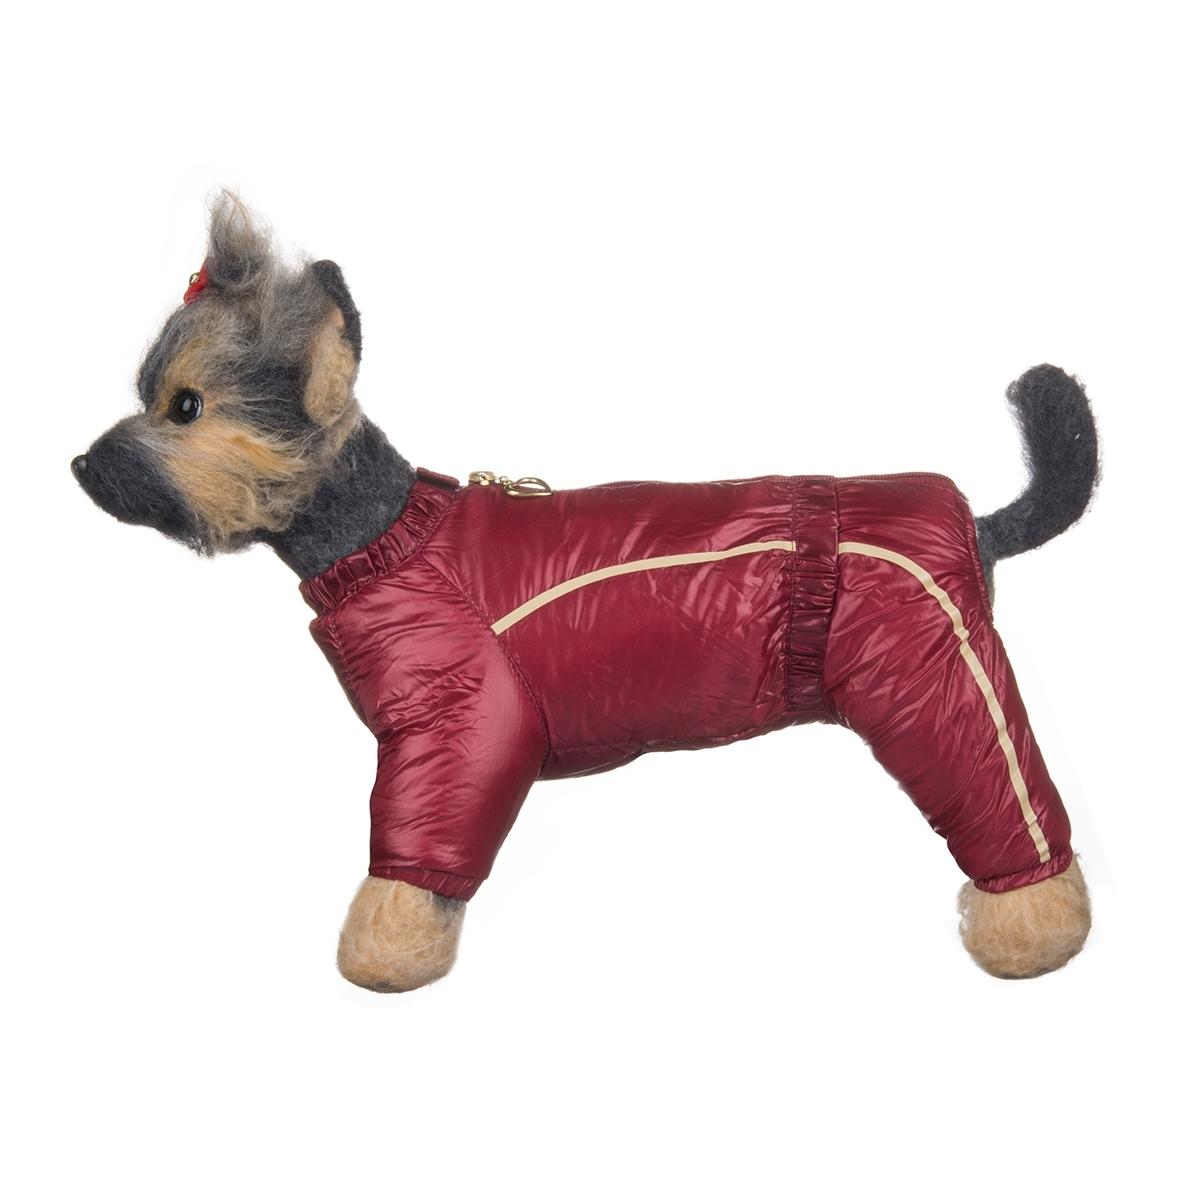 Комбинезон для собак Dogmoda Альпы, зимний, для девочки, цвет: бордовый, серый. Размер 3 (L)DM-150349-3Зимний комбинезон для собак Dogmoda Альпы отлично подойдет для прогулок в зимнее время года. Комбинезон изготовлен из полиэстера, защищающего от ветра и снега, с утеплителем из синтепона, который сохранит тепло даже в сильные морозы, а на подкладке используется искусственный мех, который обеспечивает отличный воздухообмен. Комбинезон застегивается на молнию и липучку, благодаря чему его легко надевать и снимать. Ворот, низ рукавов и брючин оснащены внутренними резинками, которые мягко обхватывают шею и лапки, не позволяя просачиваться холодному воздуху. На пояснице имеется внутренняя резинка. Изделие декорировано бежевыми полосками и надписью DM. Благодаря такому комбинезону простуда не грозит вашему питомцу и он сможет испытать не сравнимое удовольствие от снежных игр и забав.